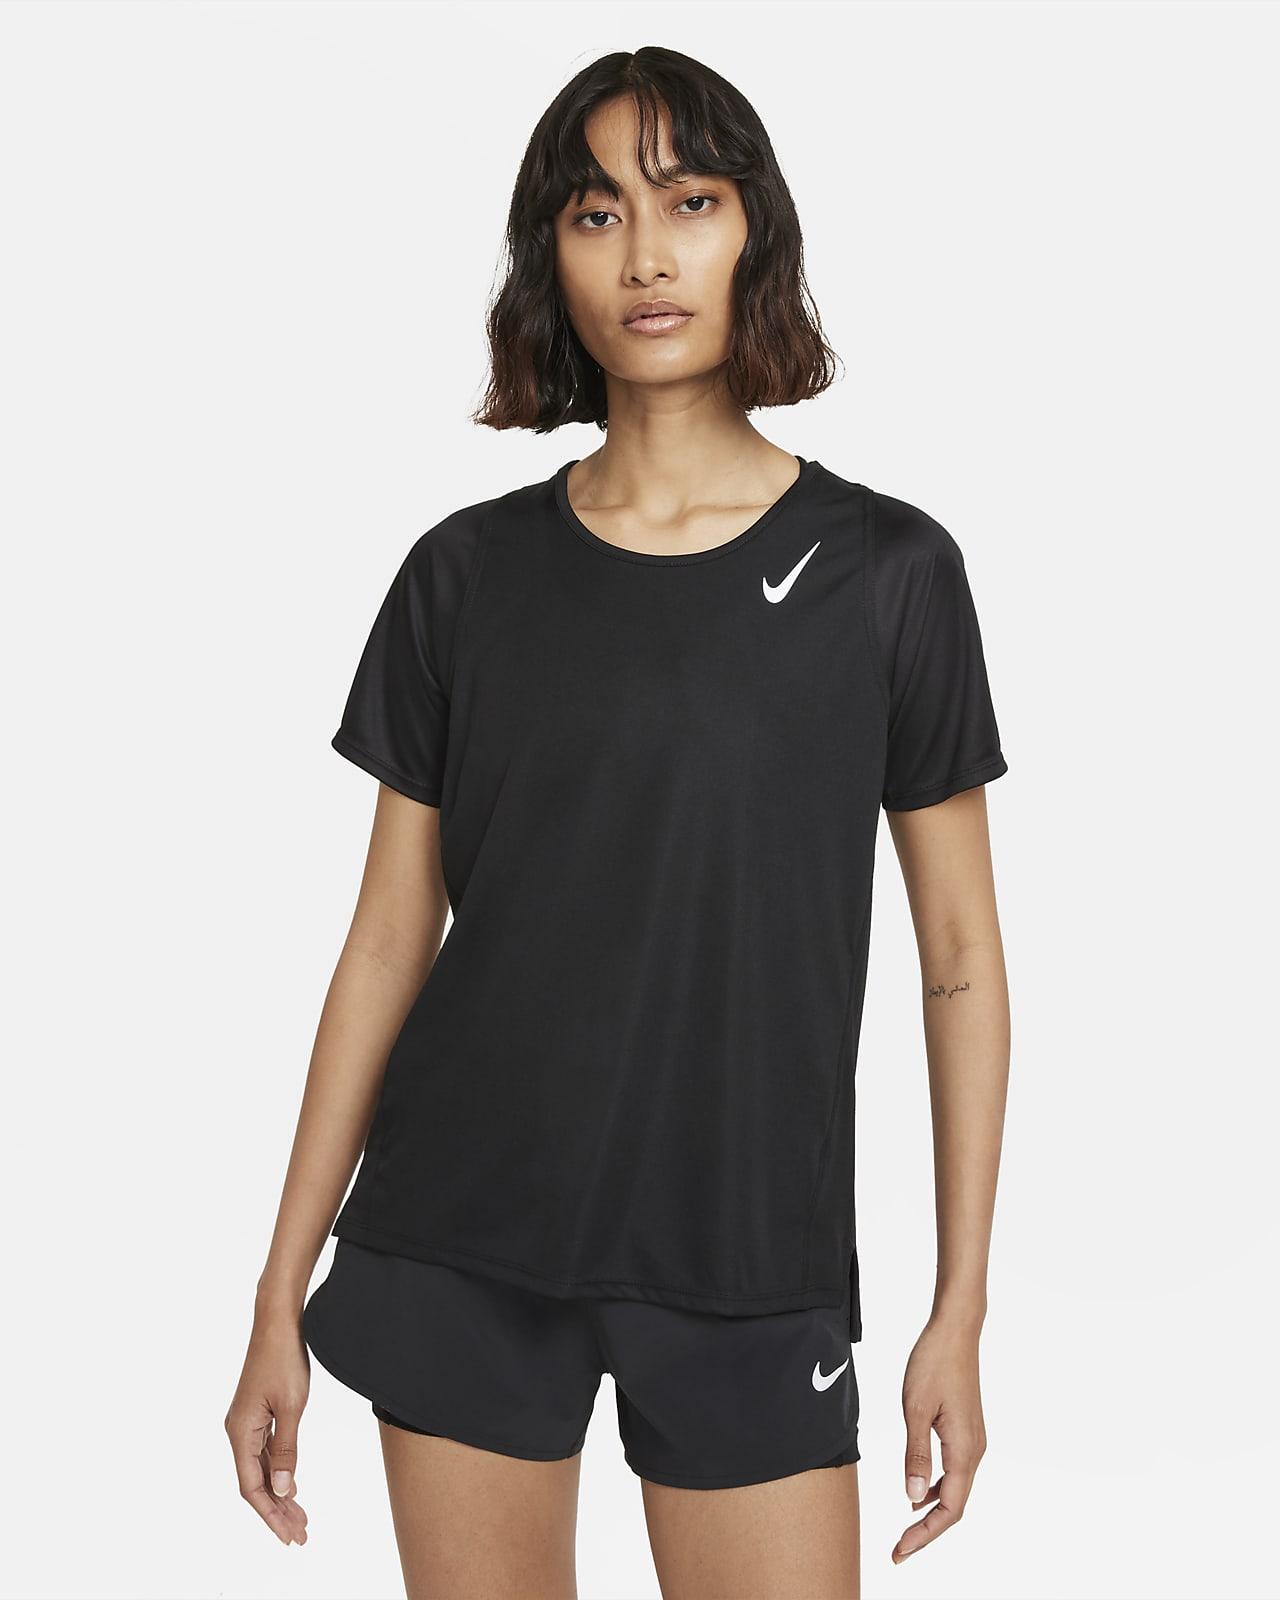 Kortärmad löpartröja Nike Dri-FIT Race för kvinnor